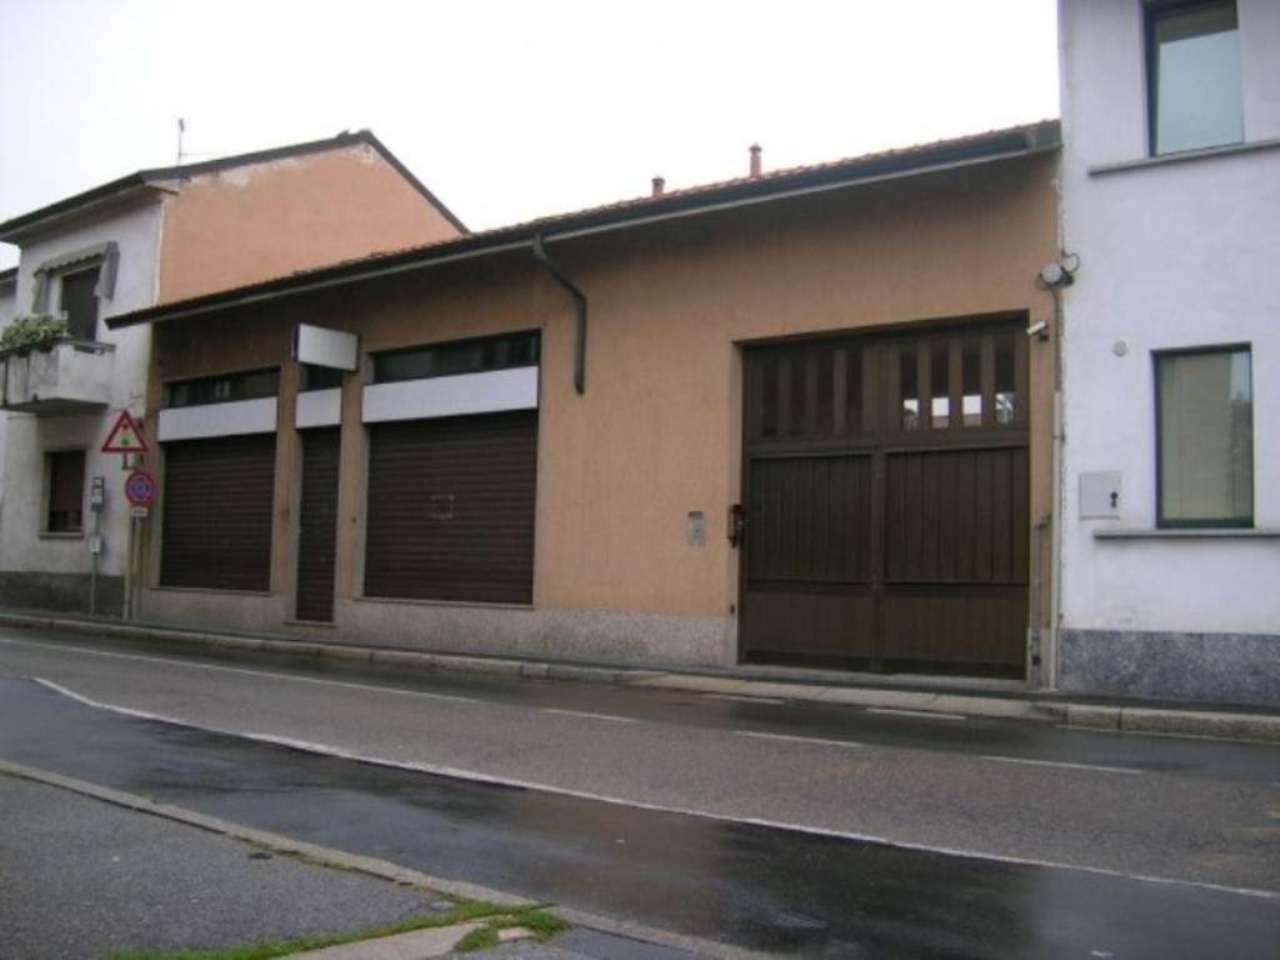 Soluzione Indipendente in vendita a Arluno, 6 locali, prezzo € 200.000 | Cambio Casa.it